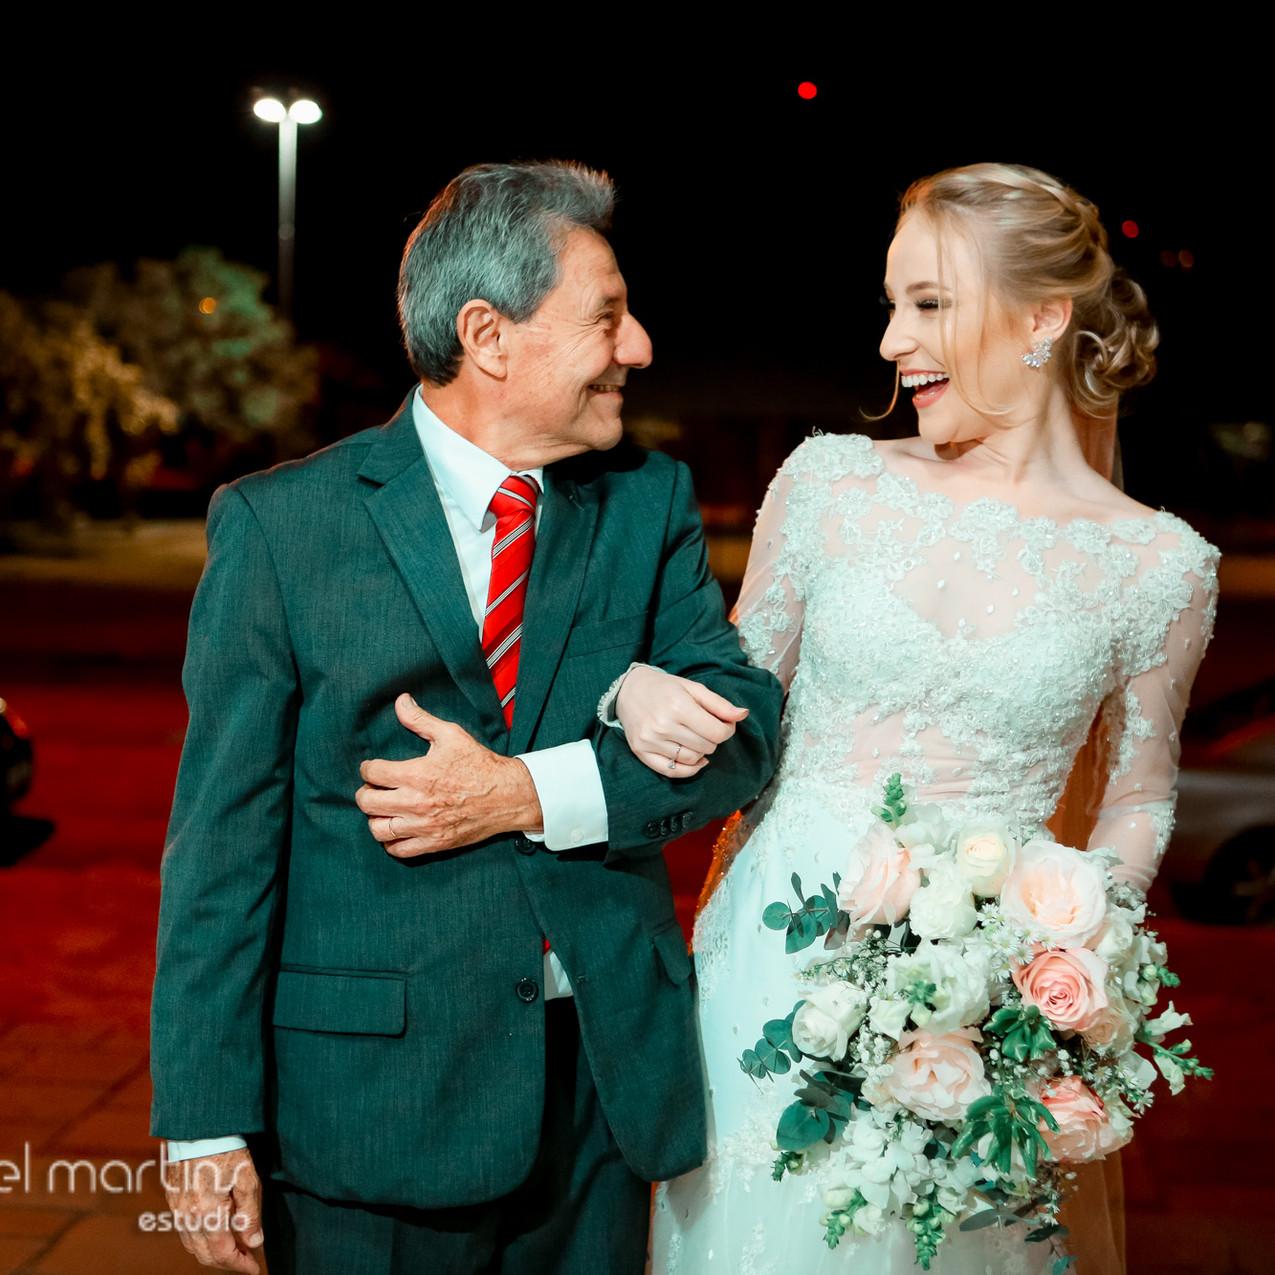 BeR-0414-fotografo-casamento-wedding-gotadagua-rustico-brunaeraul-boho-diy-portoalegre-daniel-martins